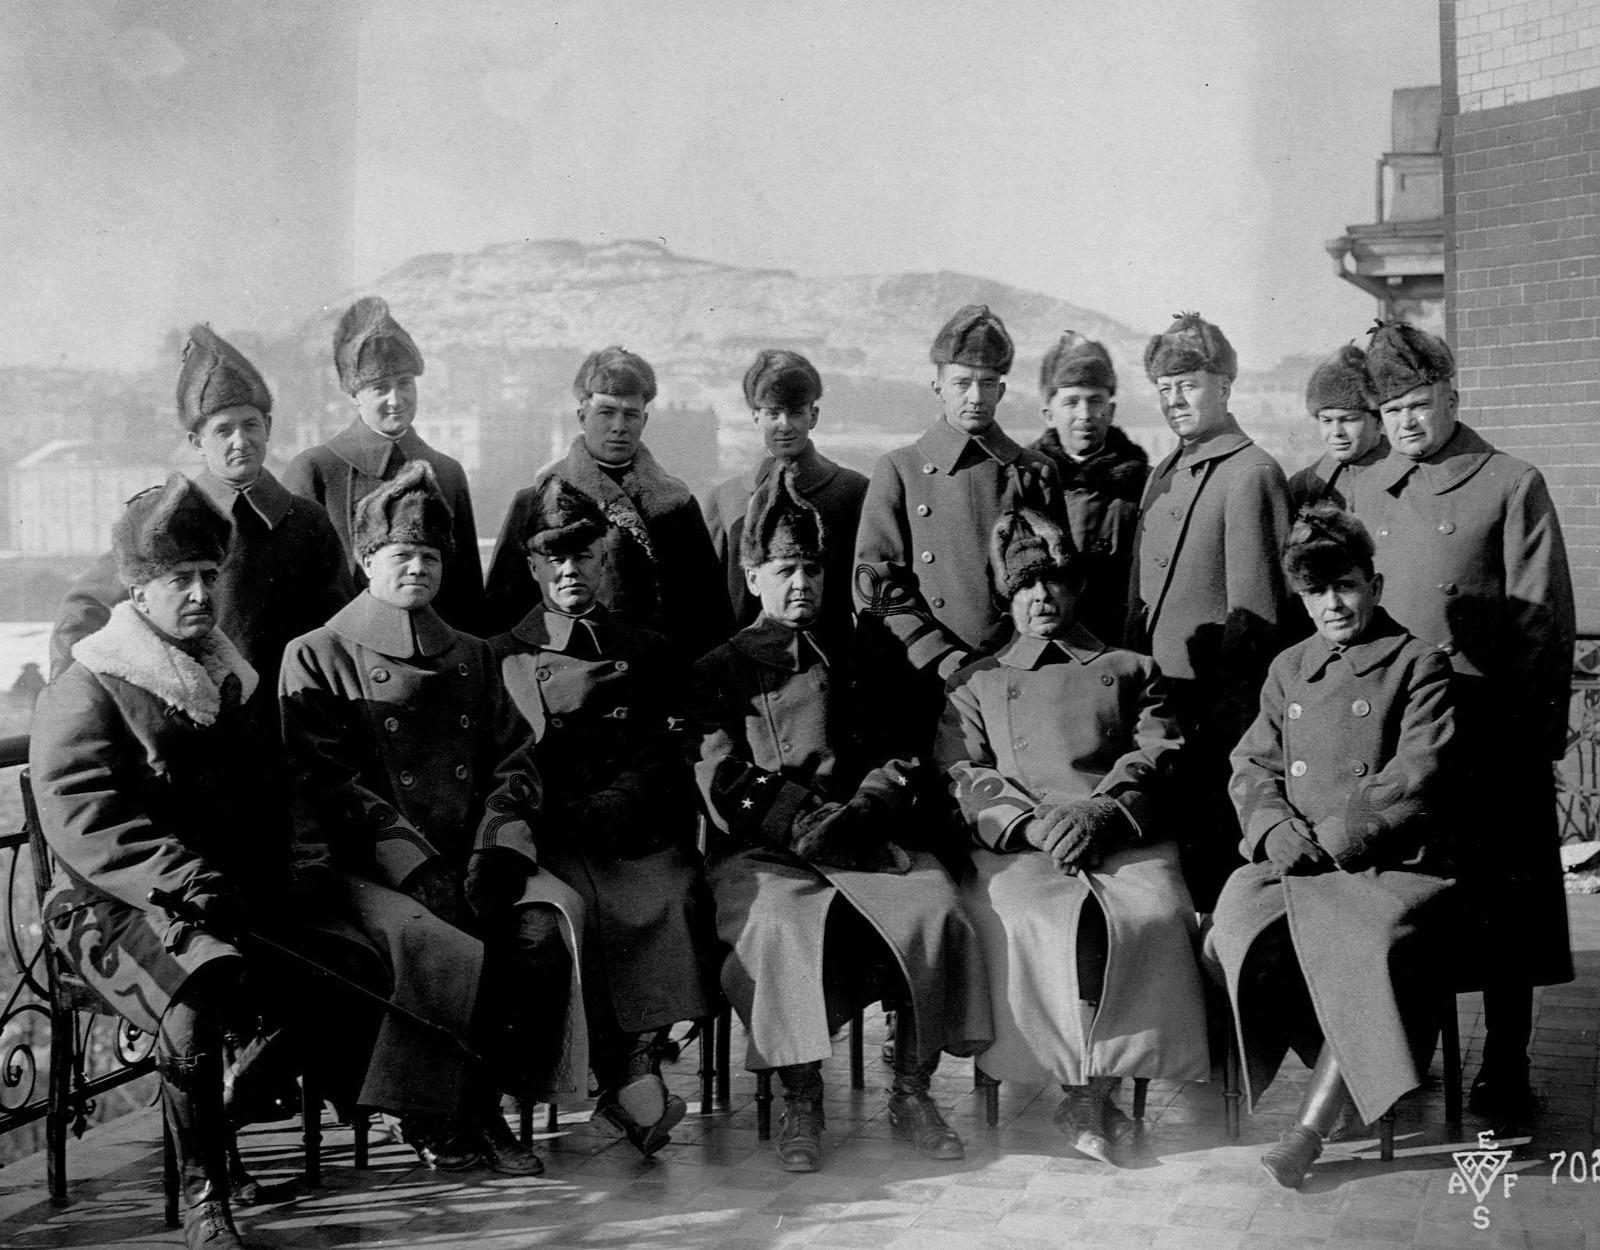 1918. Генерал-майор Уильям С. Грейвс,  командовавший американскими оккупационными силами на Дальнем востоке и в Сибири и его штаб, Владивосток